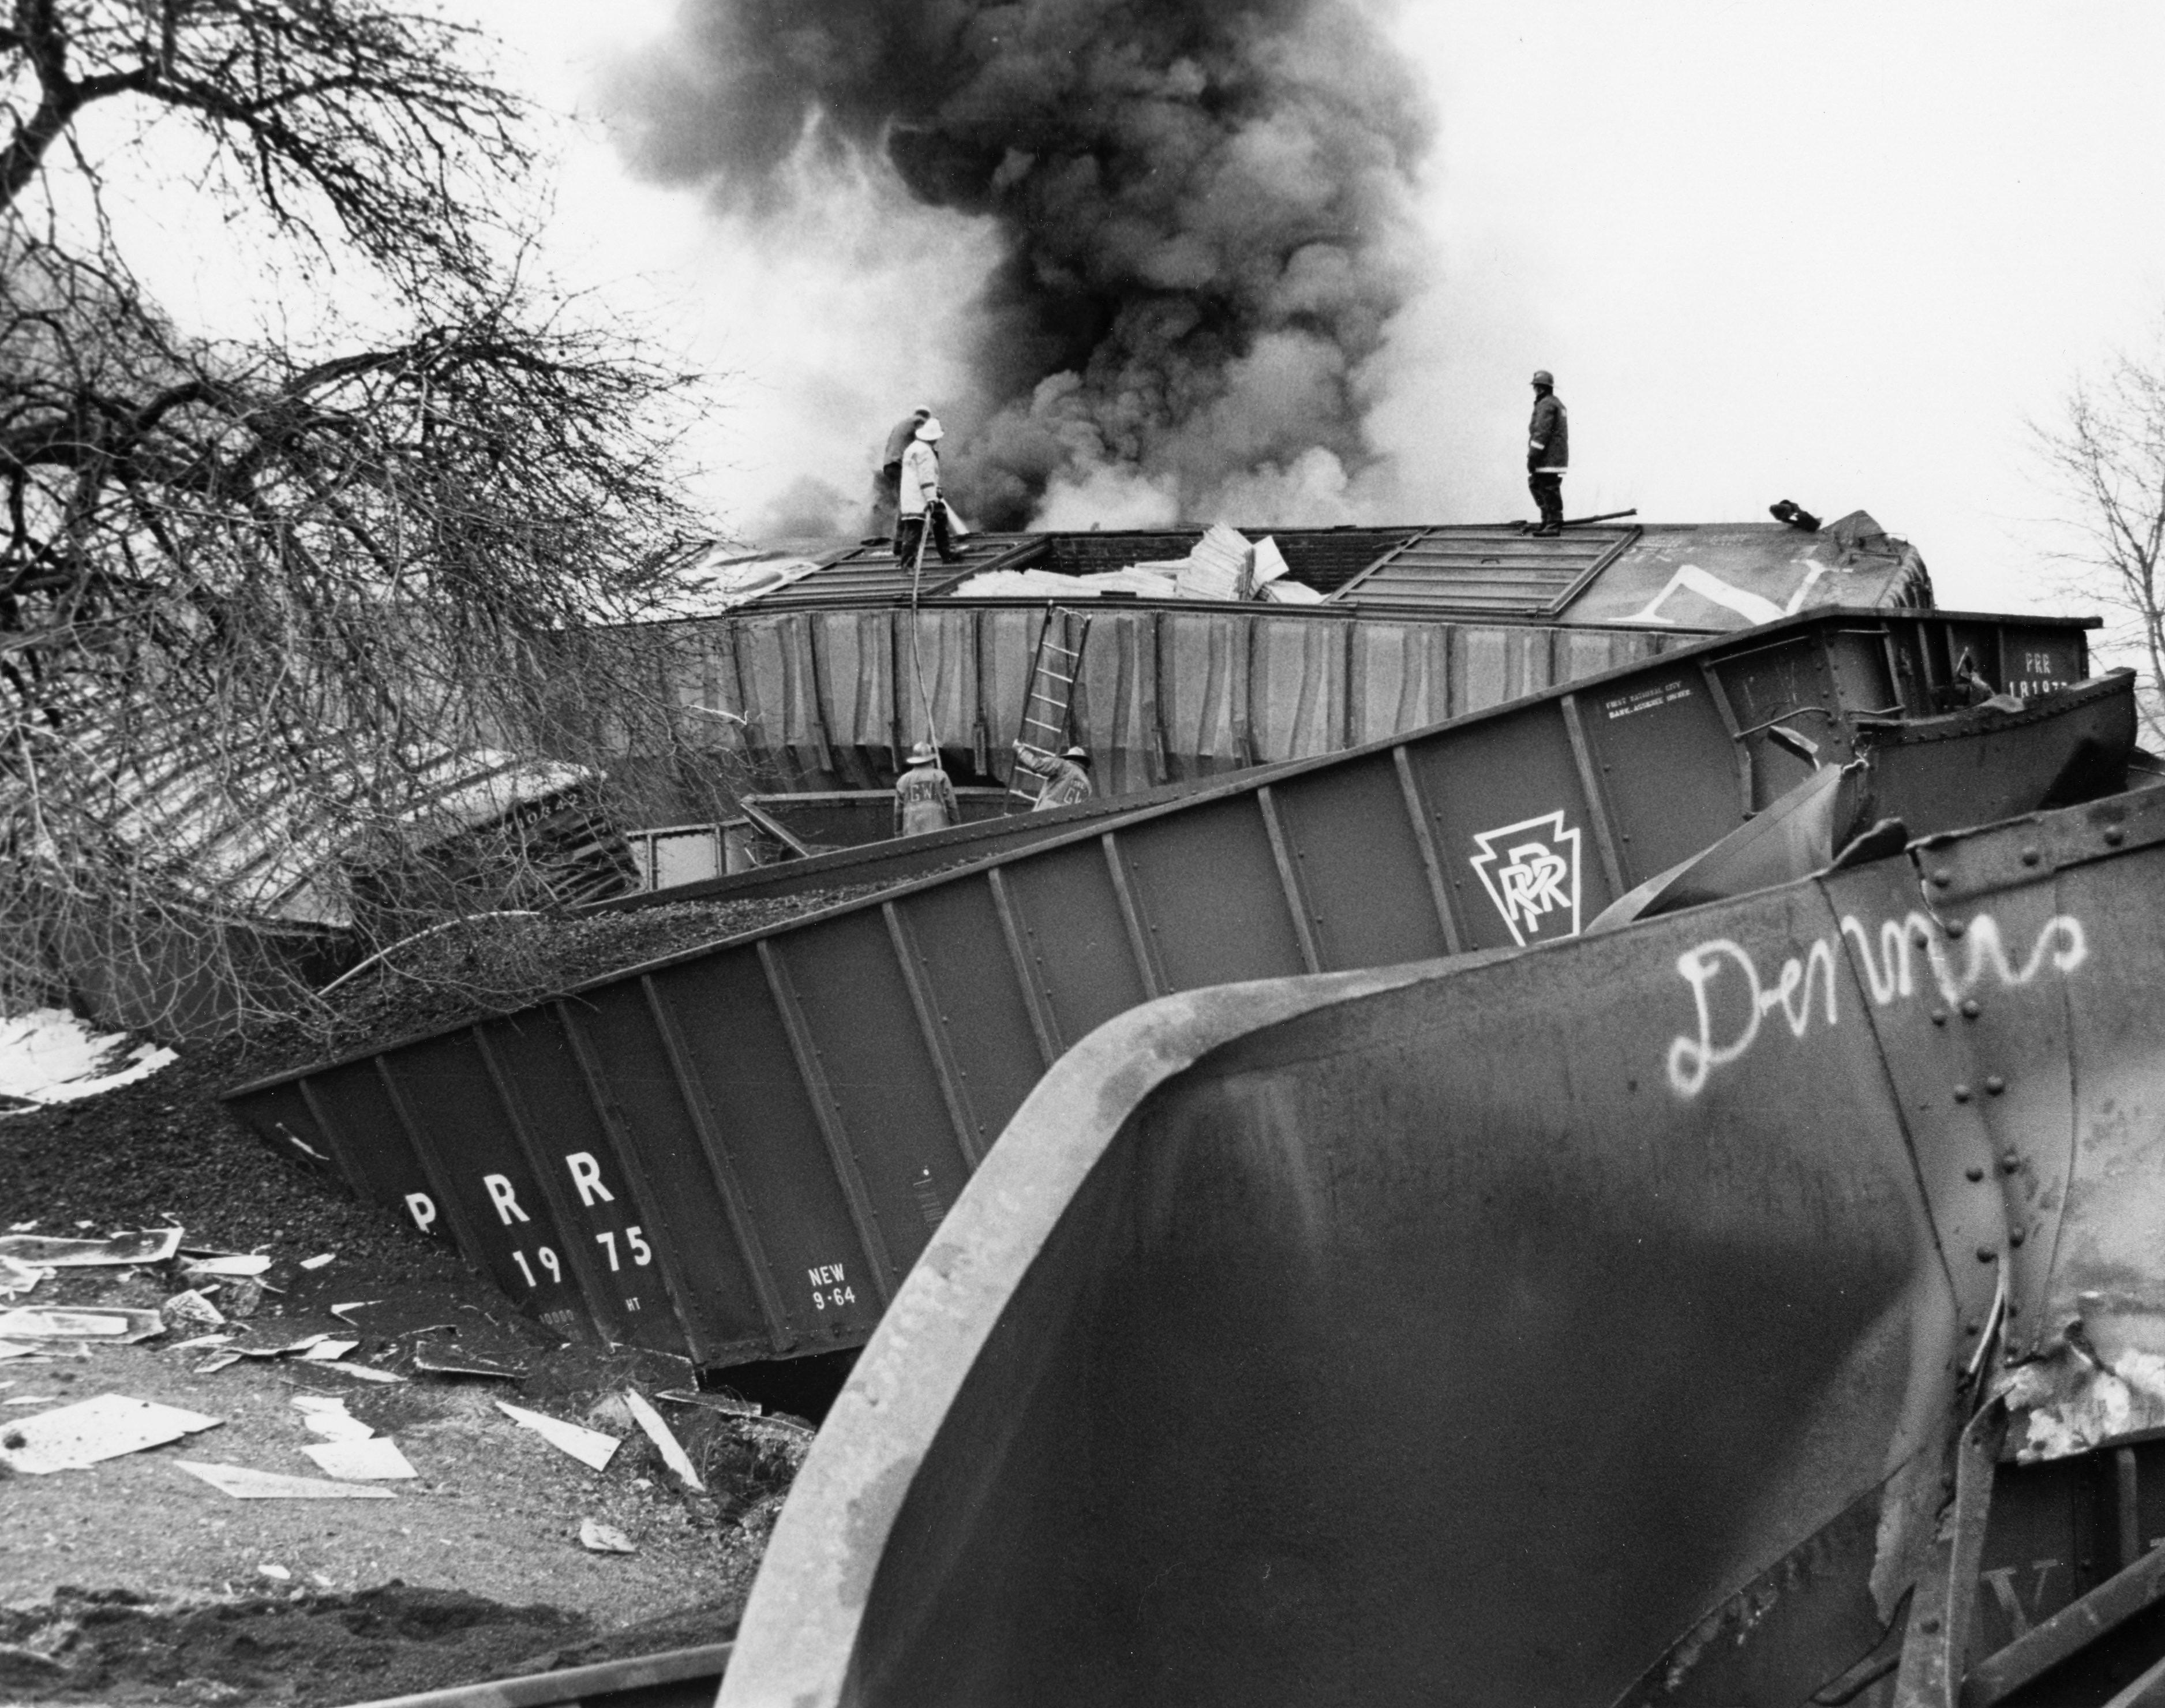 Witness said fatal Herndon train crash in 1972 'looked like Hiroshima'